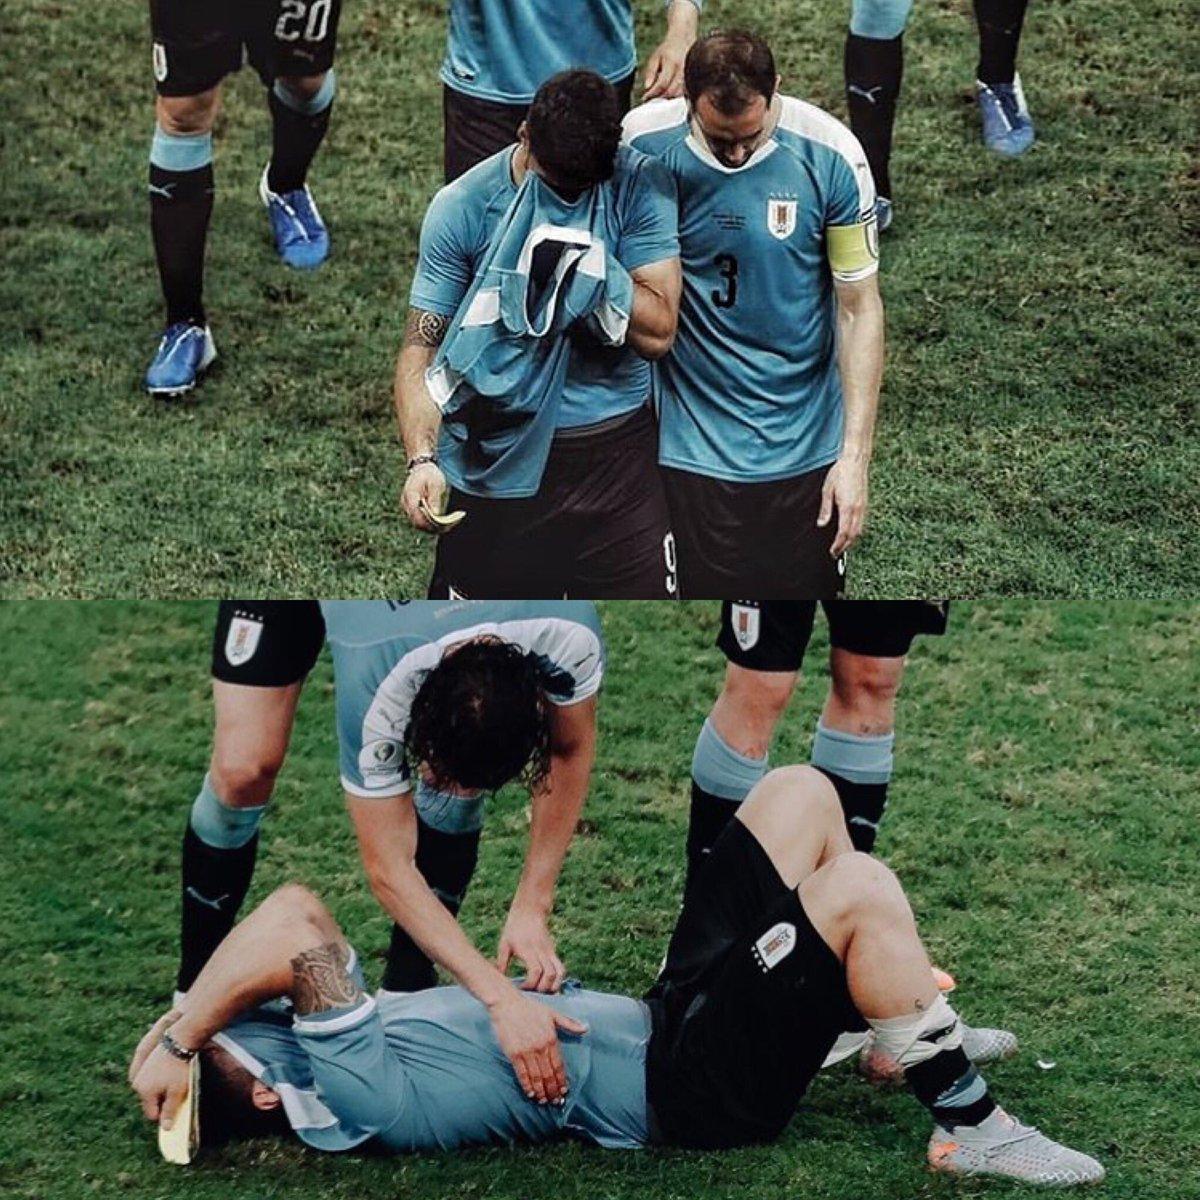 El tipo ya ganó esta Copa. Ya fue cuarto en un Mundial. Pero aún así, sufre como ninguno por fallar el penal que saca a Uruguay de la Copa. Mientras otros, en otras selecciones, se van tranquilos, sonrientes, este se va destrozado, como si fuera su primera Copa. Qué grande Lucho